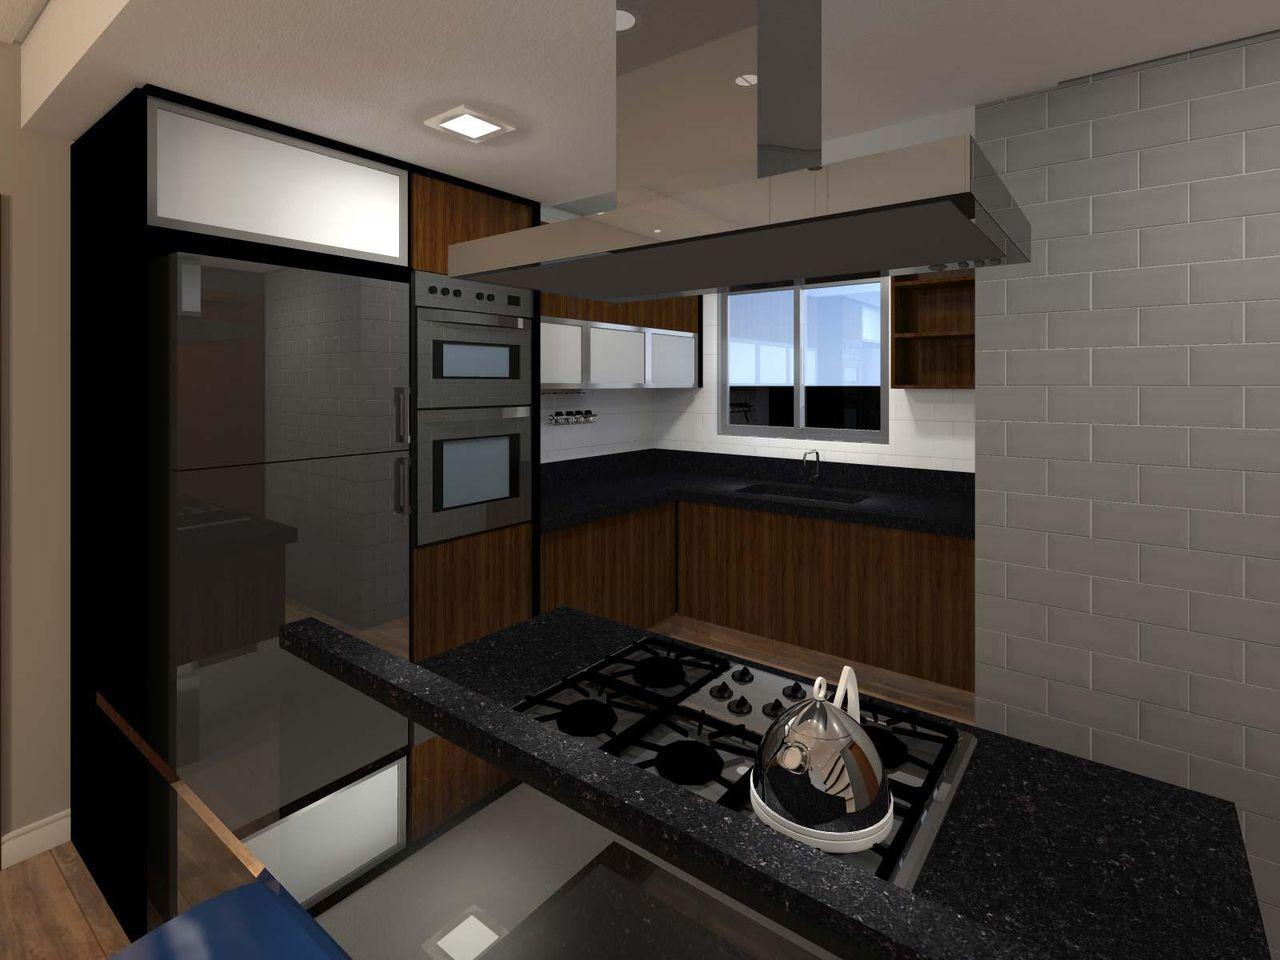 Cozinha Americana Com Bancada De Granito De Juliana Lahoz 79954 No